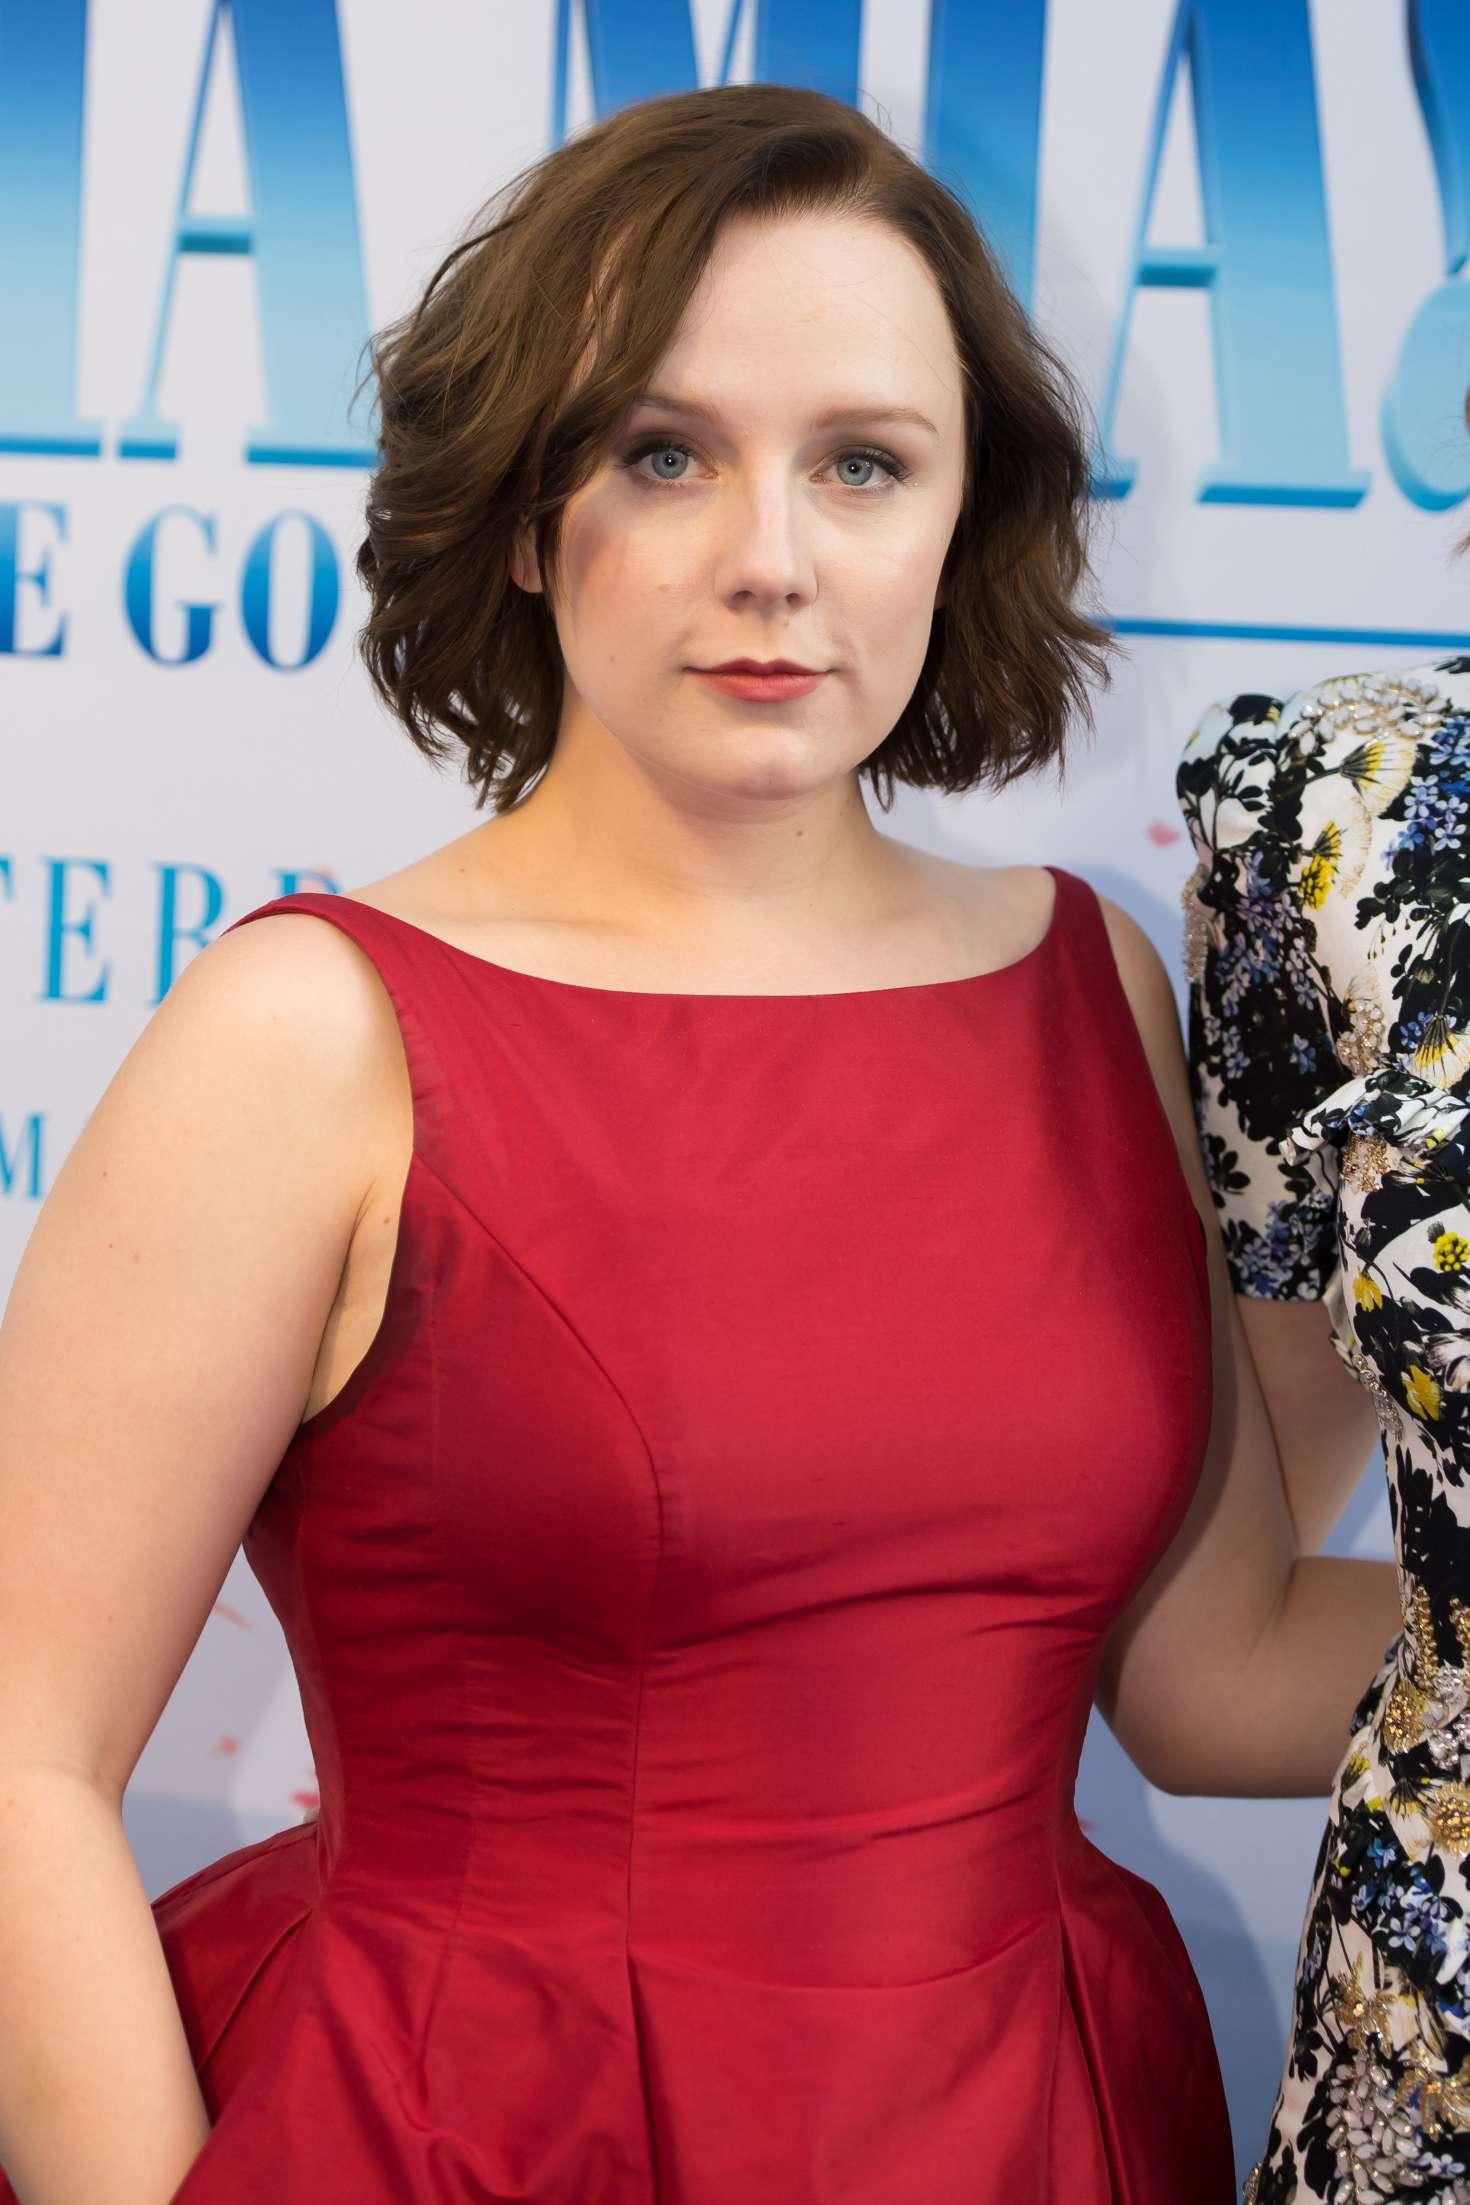 Lily Collins (born 1989 (naturalized American citizen) pics